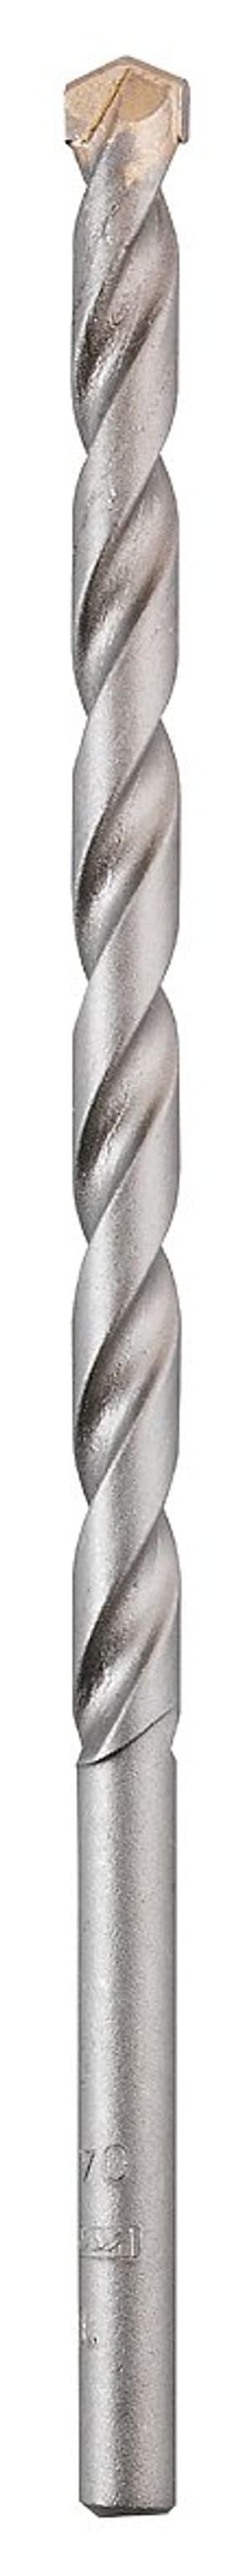 Mauerdurchbruchbohrer, 400 mm, ø 14 mm